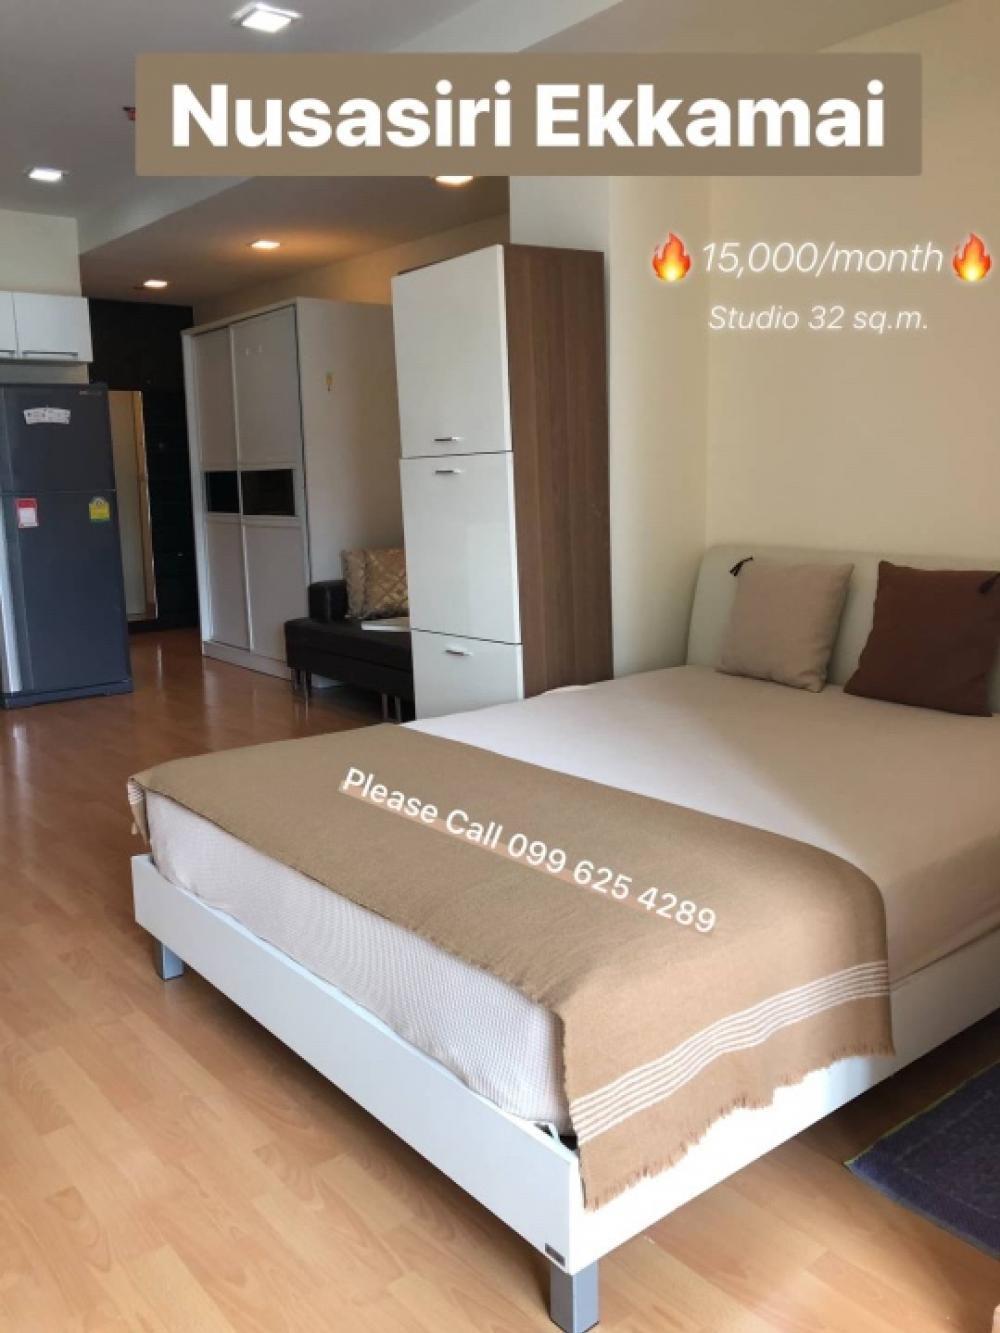 เช่าคอนโดสุขุมวิท อโศก ทองหล่อ : 🔥Beautiful room with good price Nusasiri Grand Ekkamai 🔥